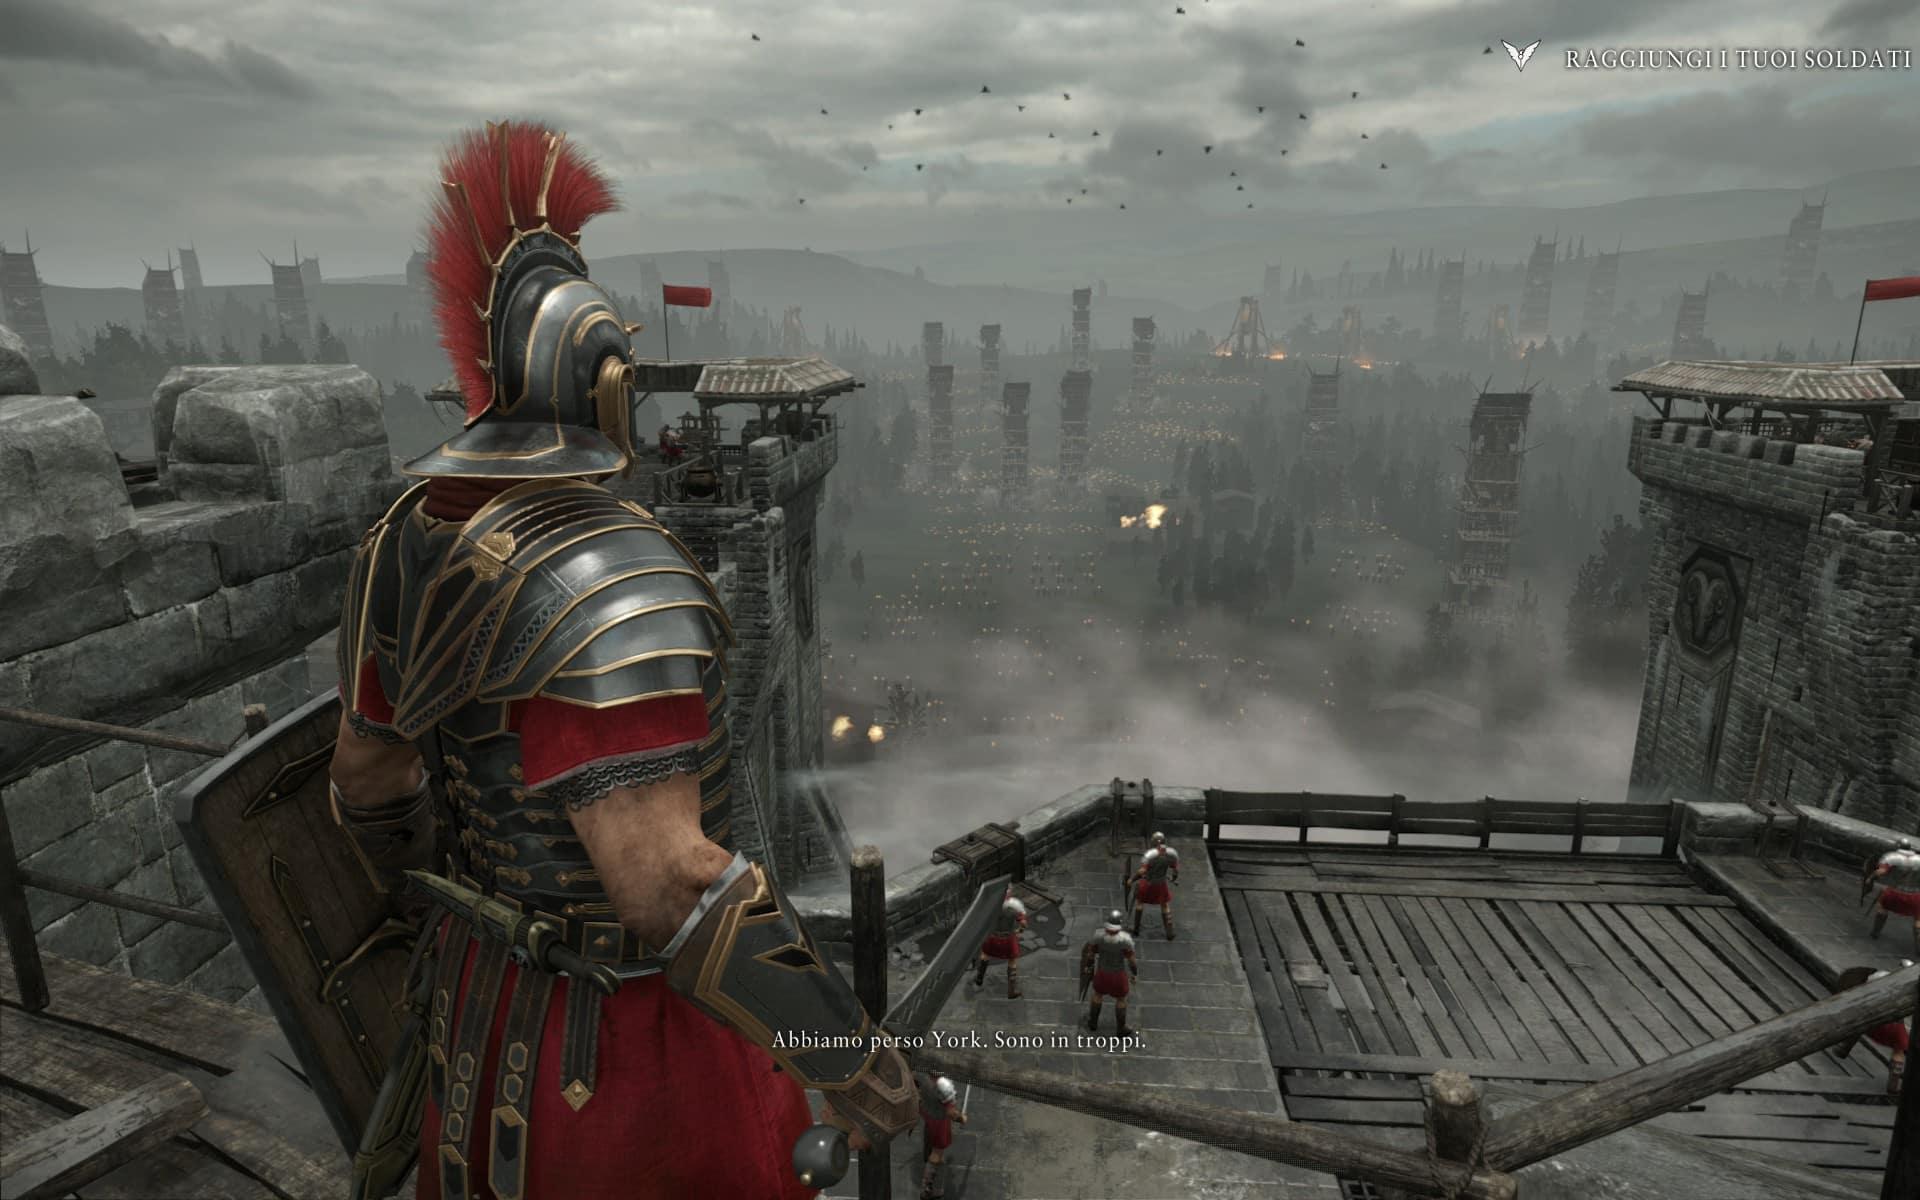 Dobbiamo sopravvivere a questo assedio, difendendo il castello con i nostri uomini.